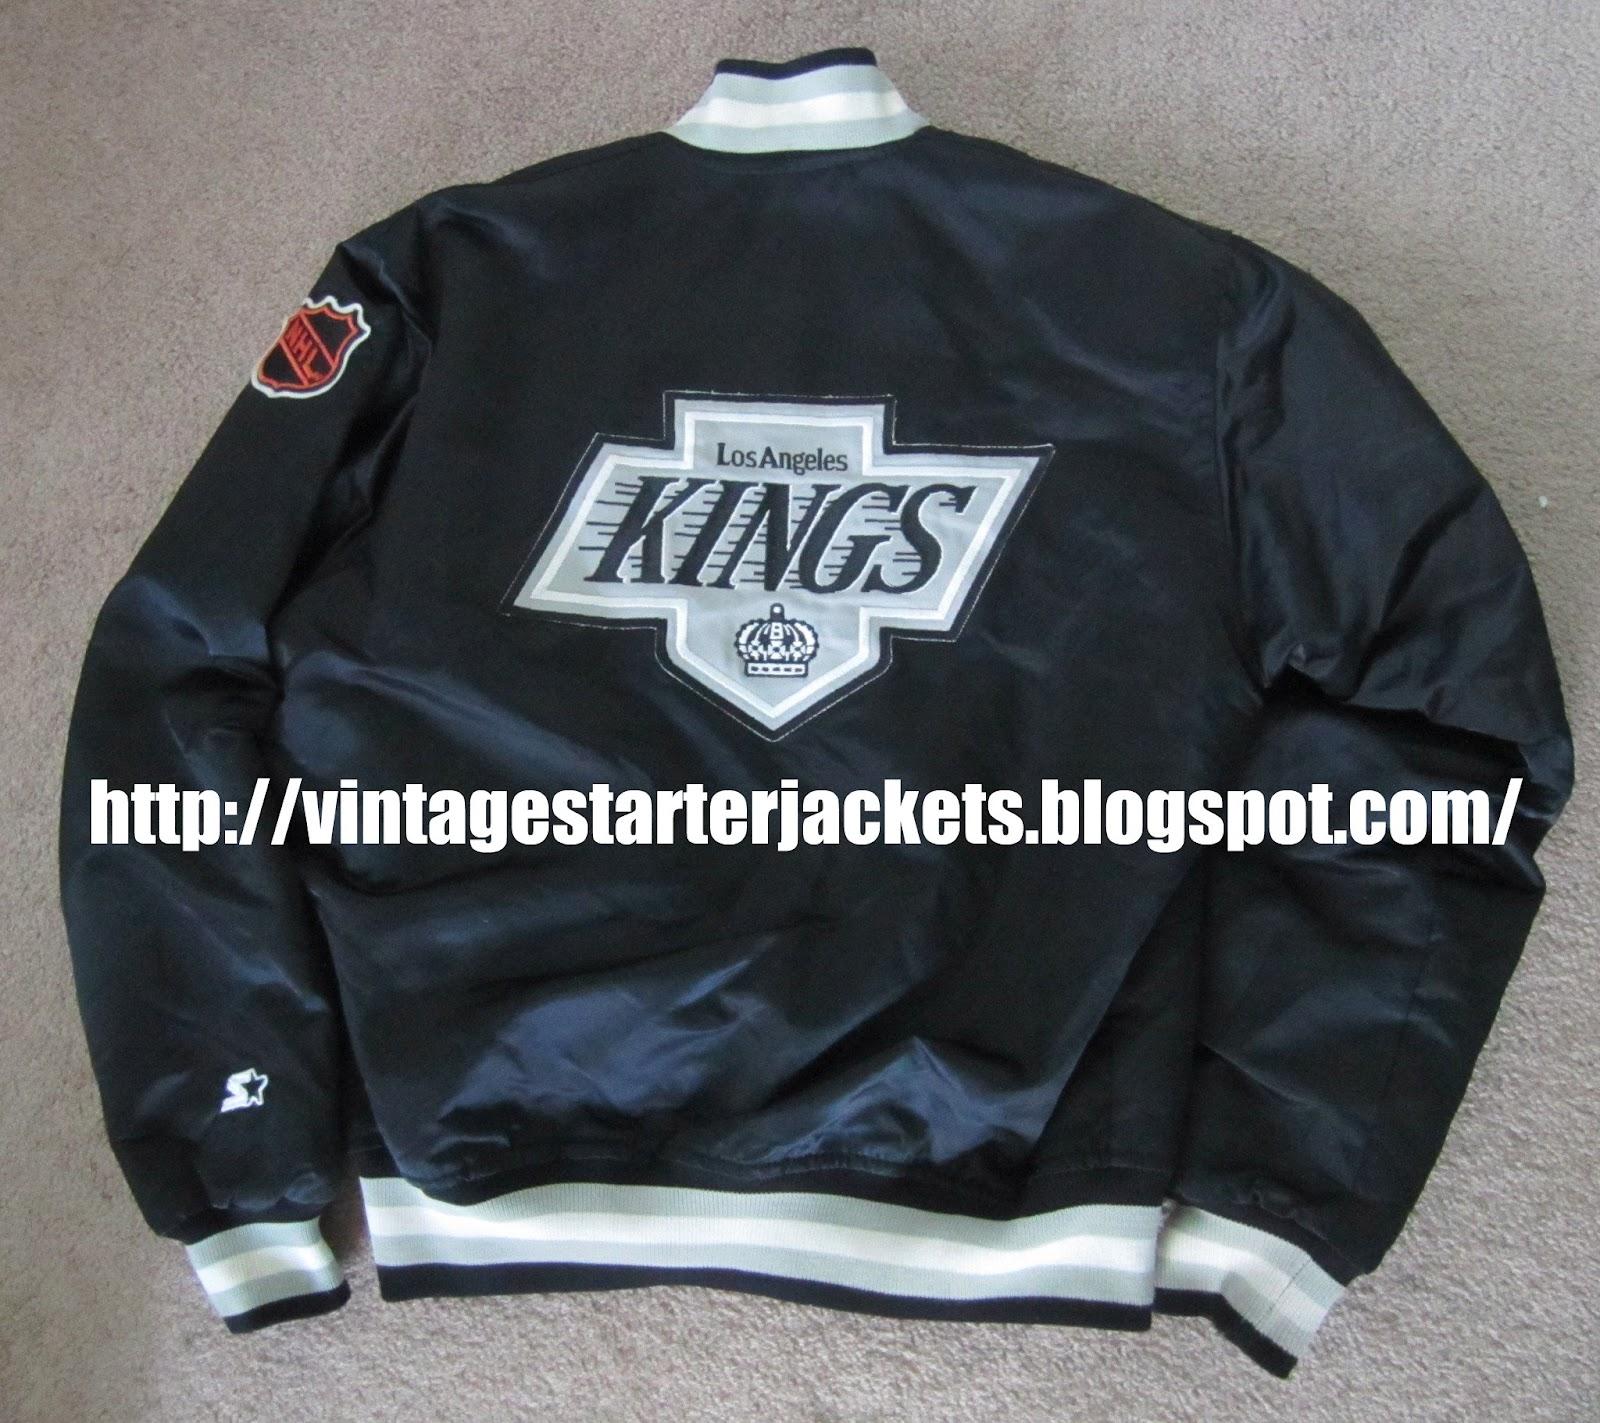 Vintage la kings coats